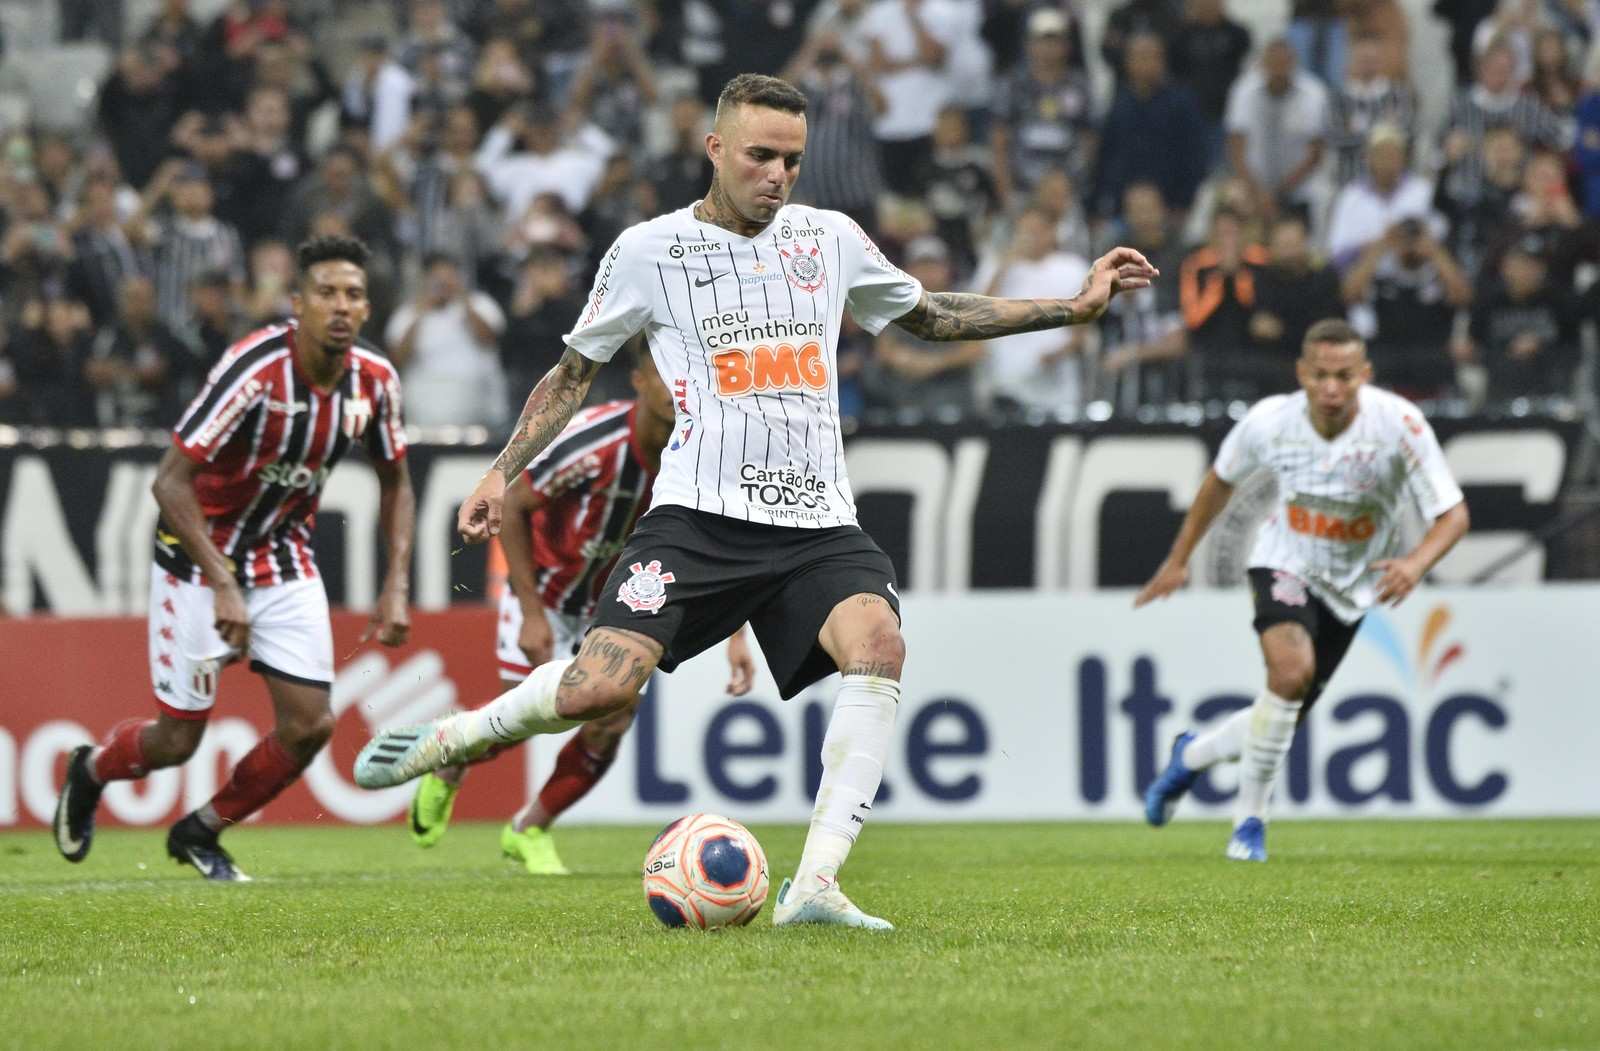 Luan fez um gol de pênalti na goleada sobre o Botafogo-SP — Foto: Marcos Ribolli